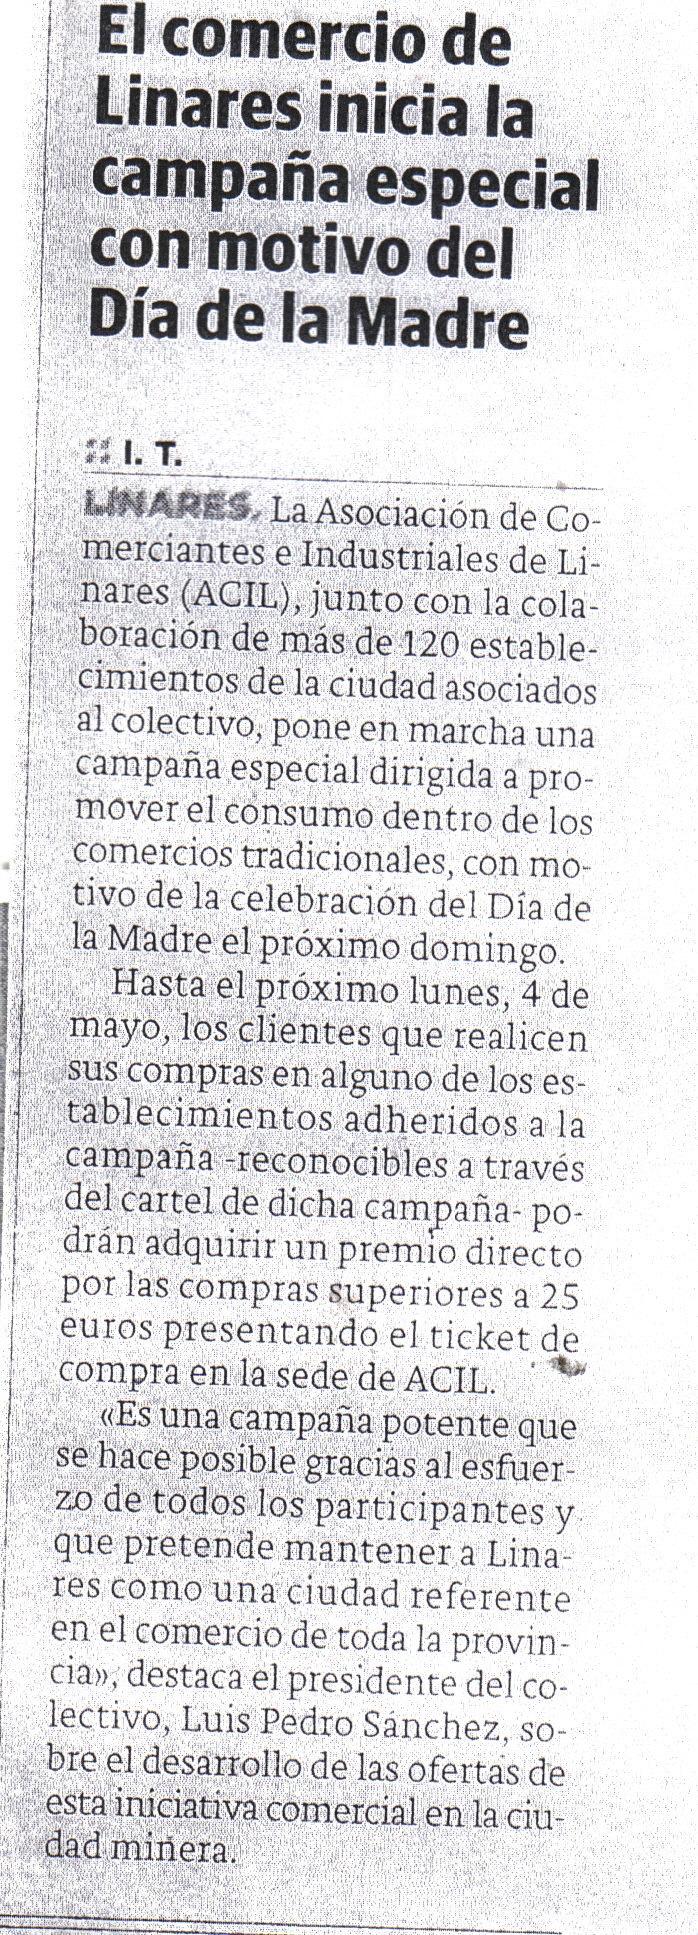 comercio_de_linares_inicia_la-campana_del-dia_de_la_madres_28042015